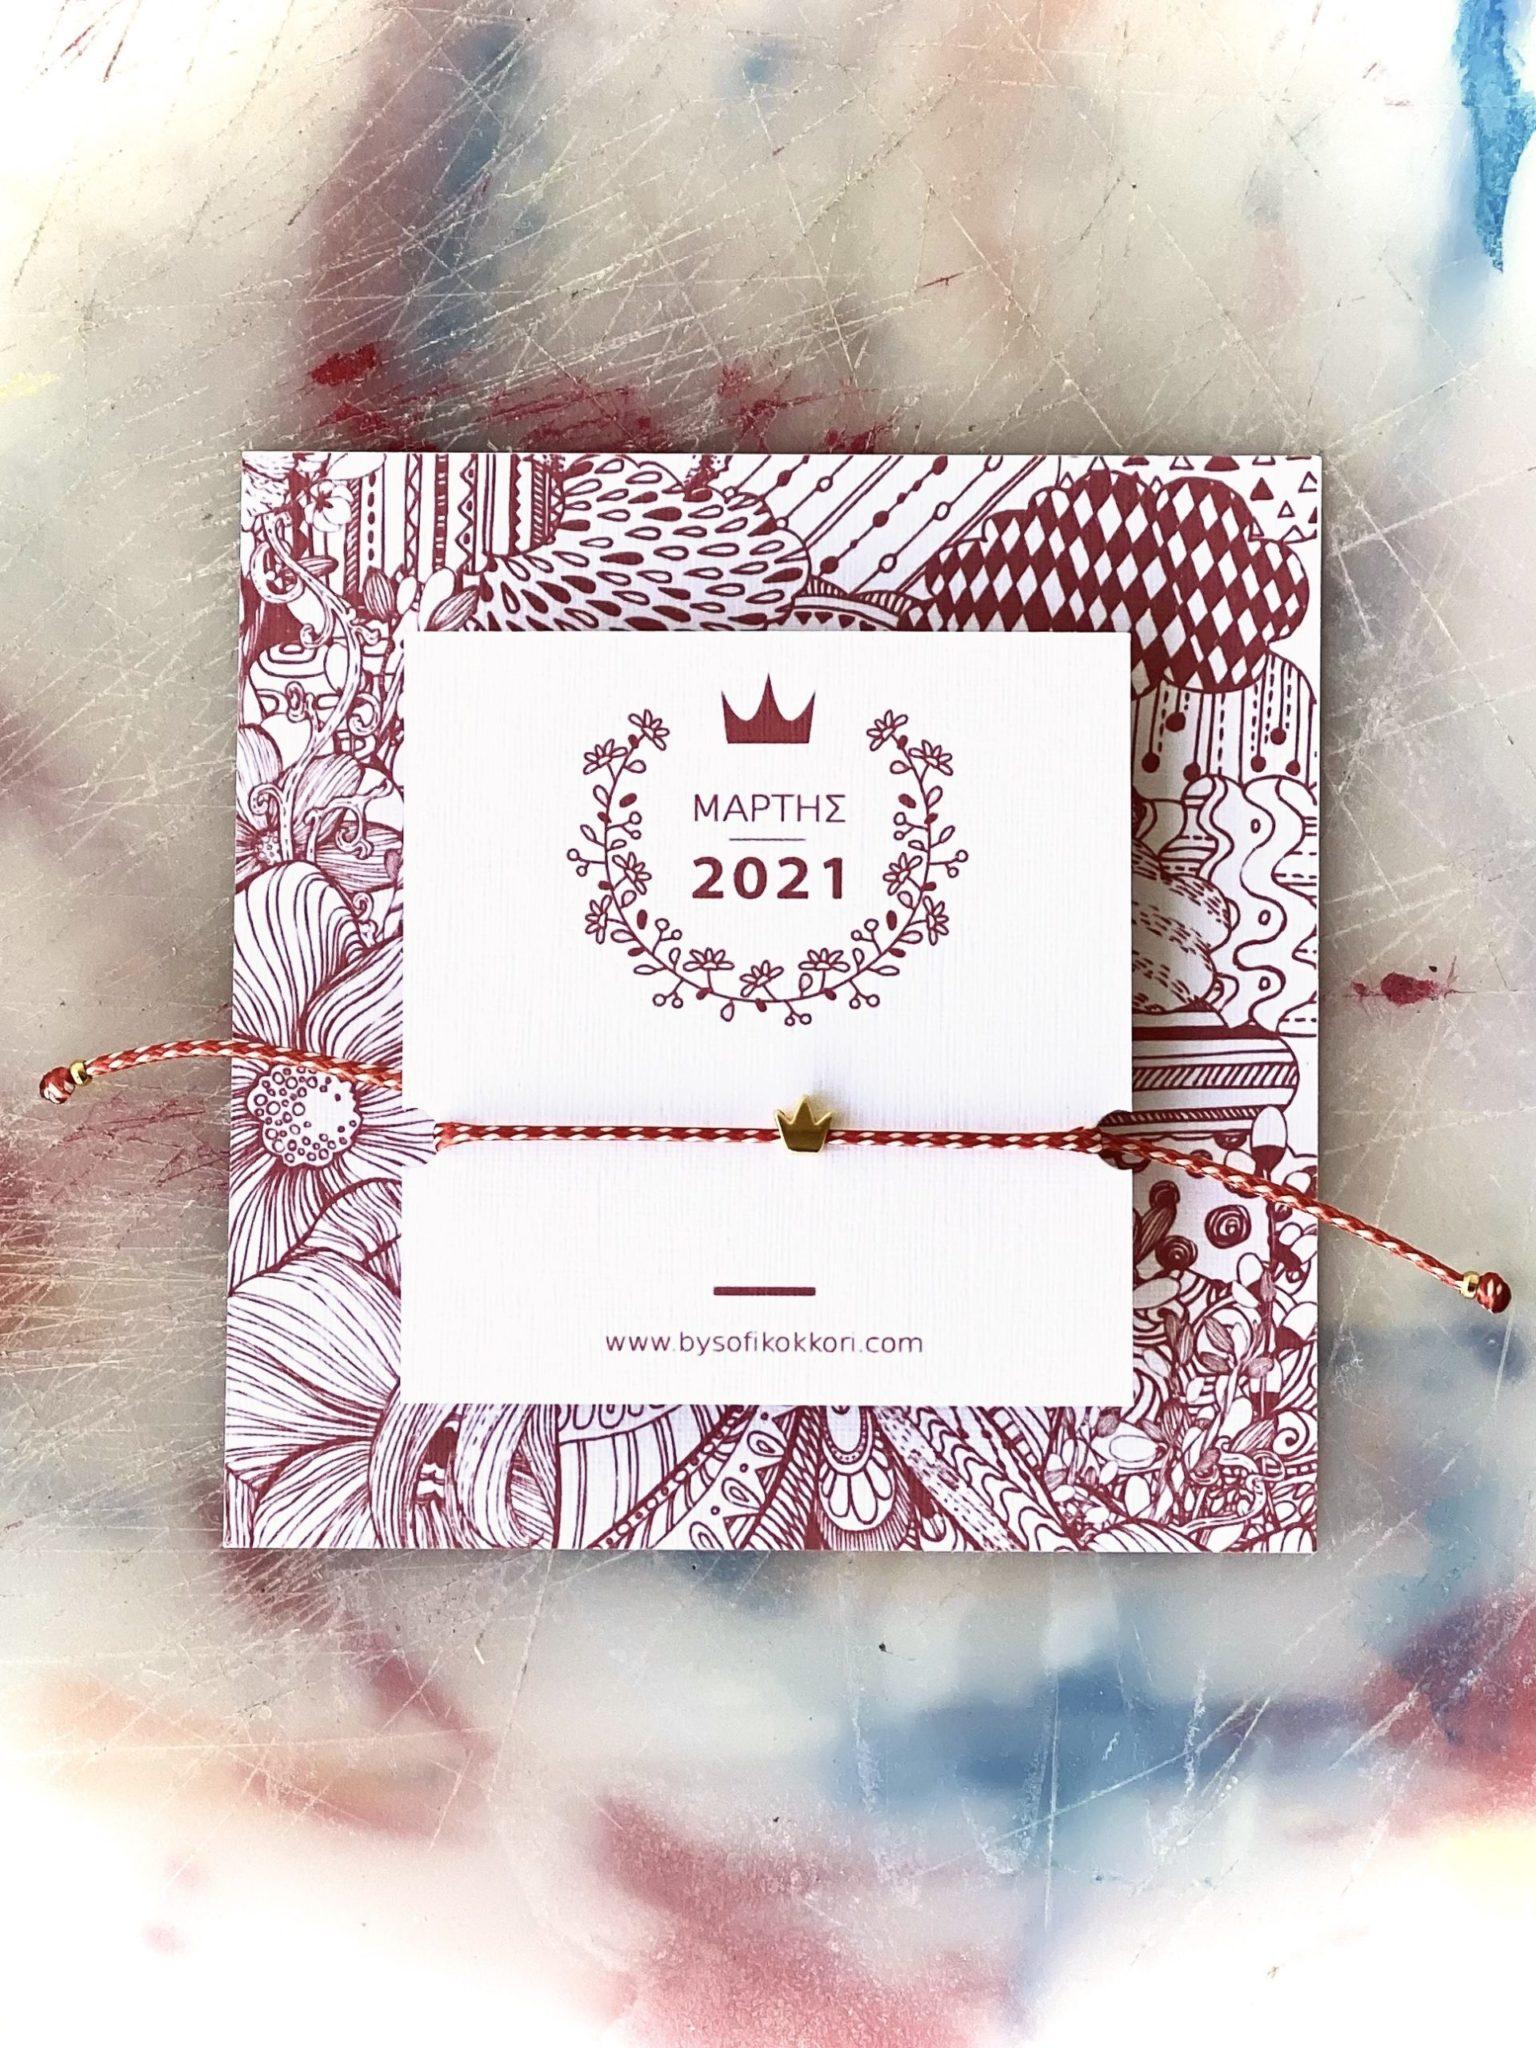 Martis-2021-special-occasion-crown-bracelet